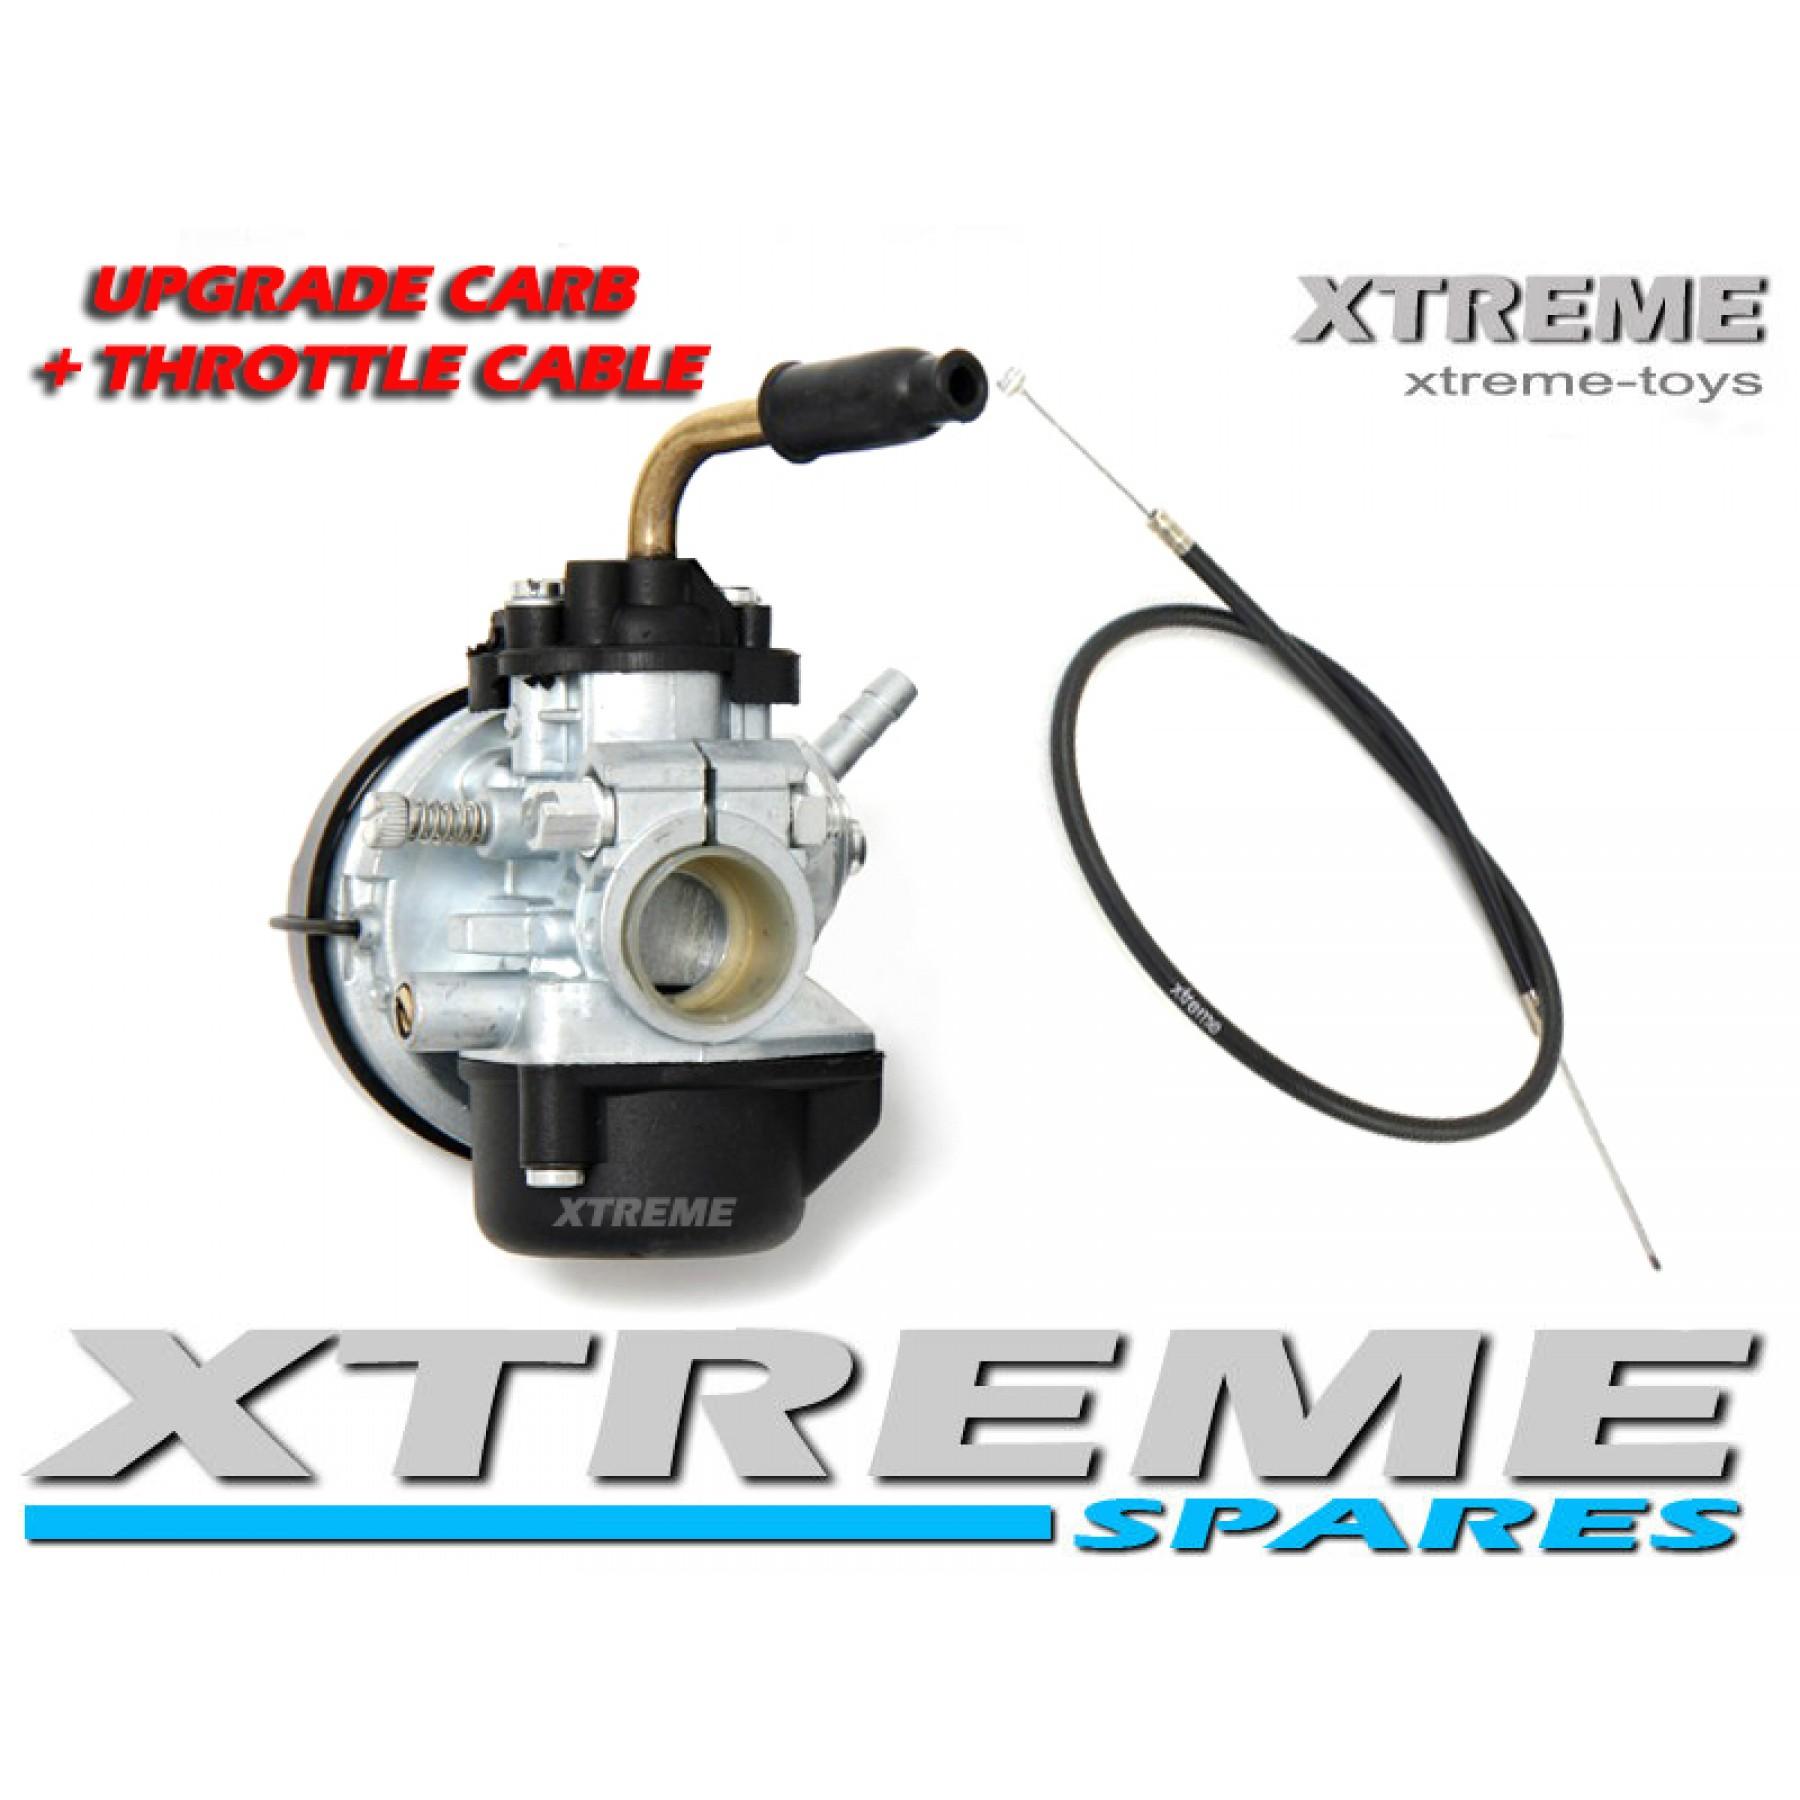 MINI MOTO/ DIRT BIKE/ QUAD PERFORMANCE UPGRADE 15MM CARBURETTOR + THROTTLE CABLE